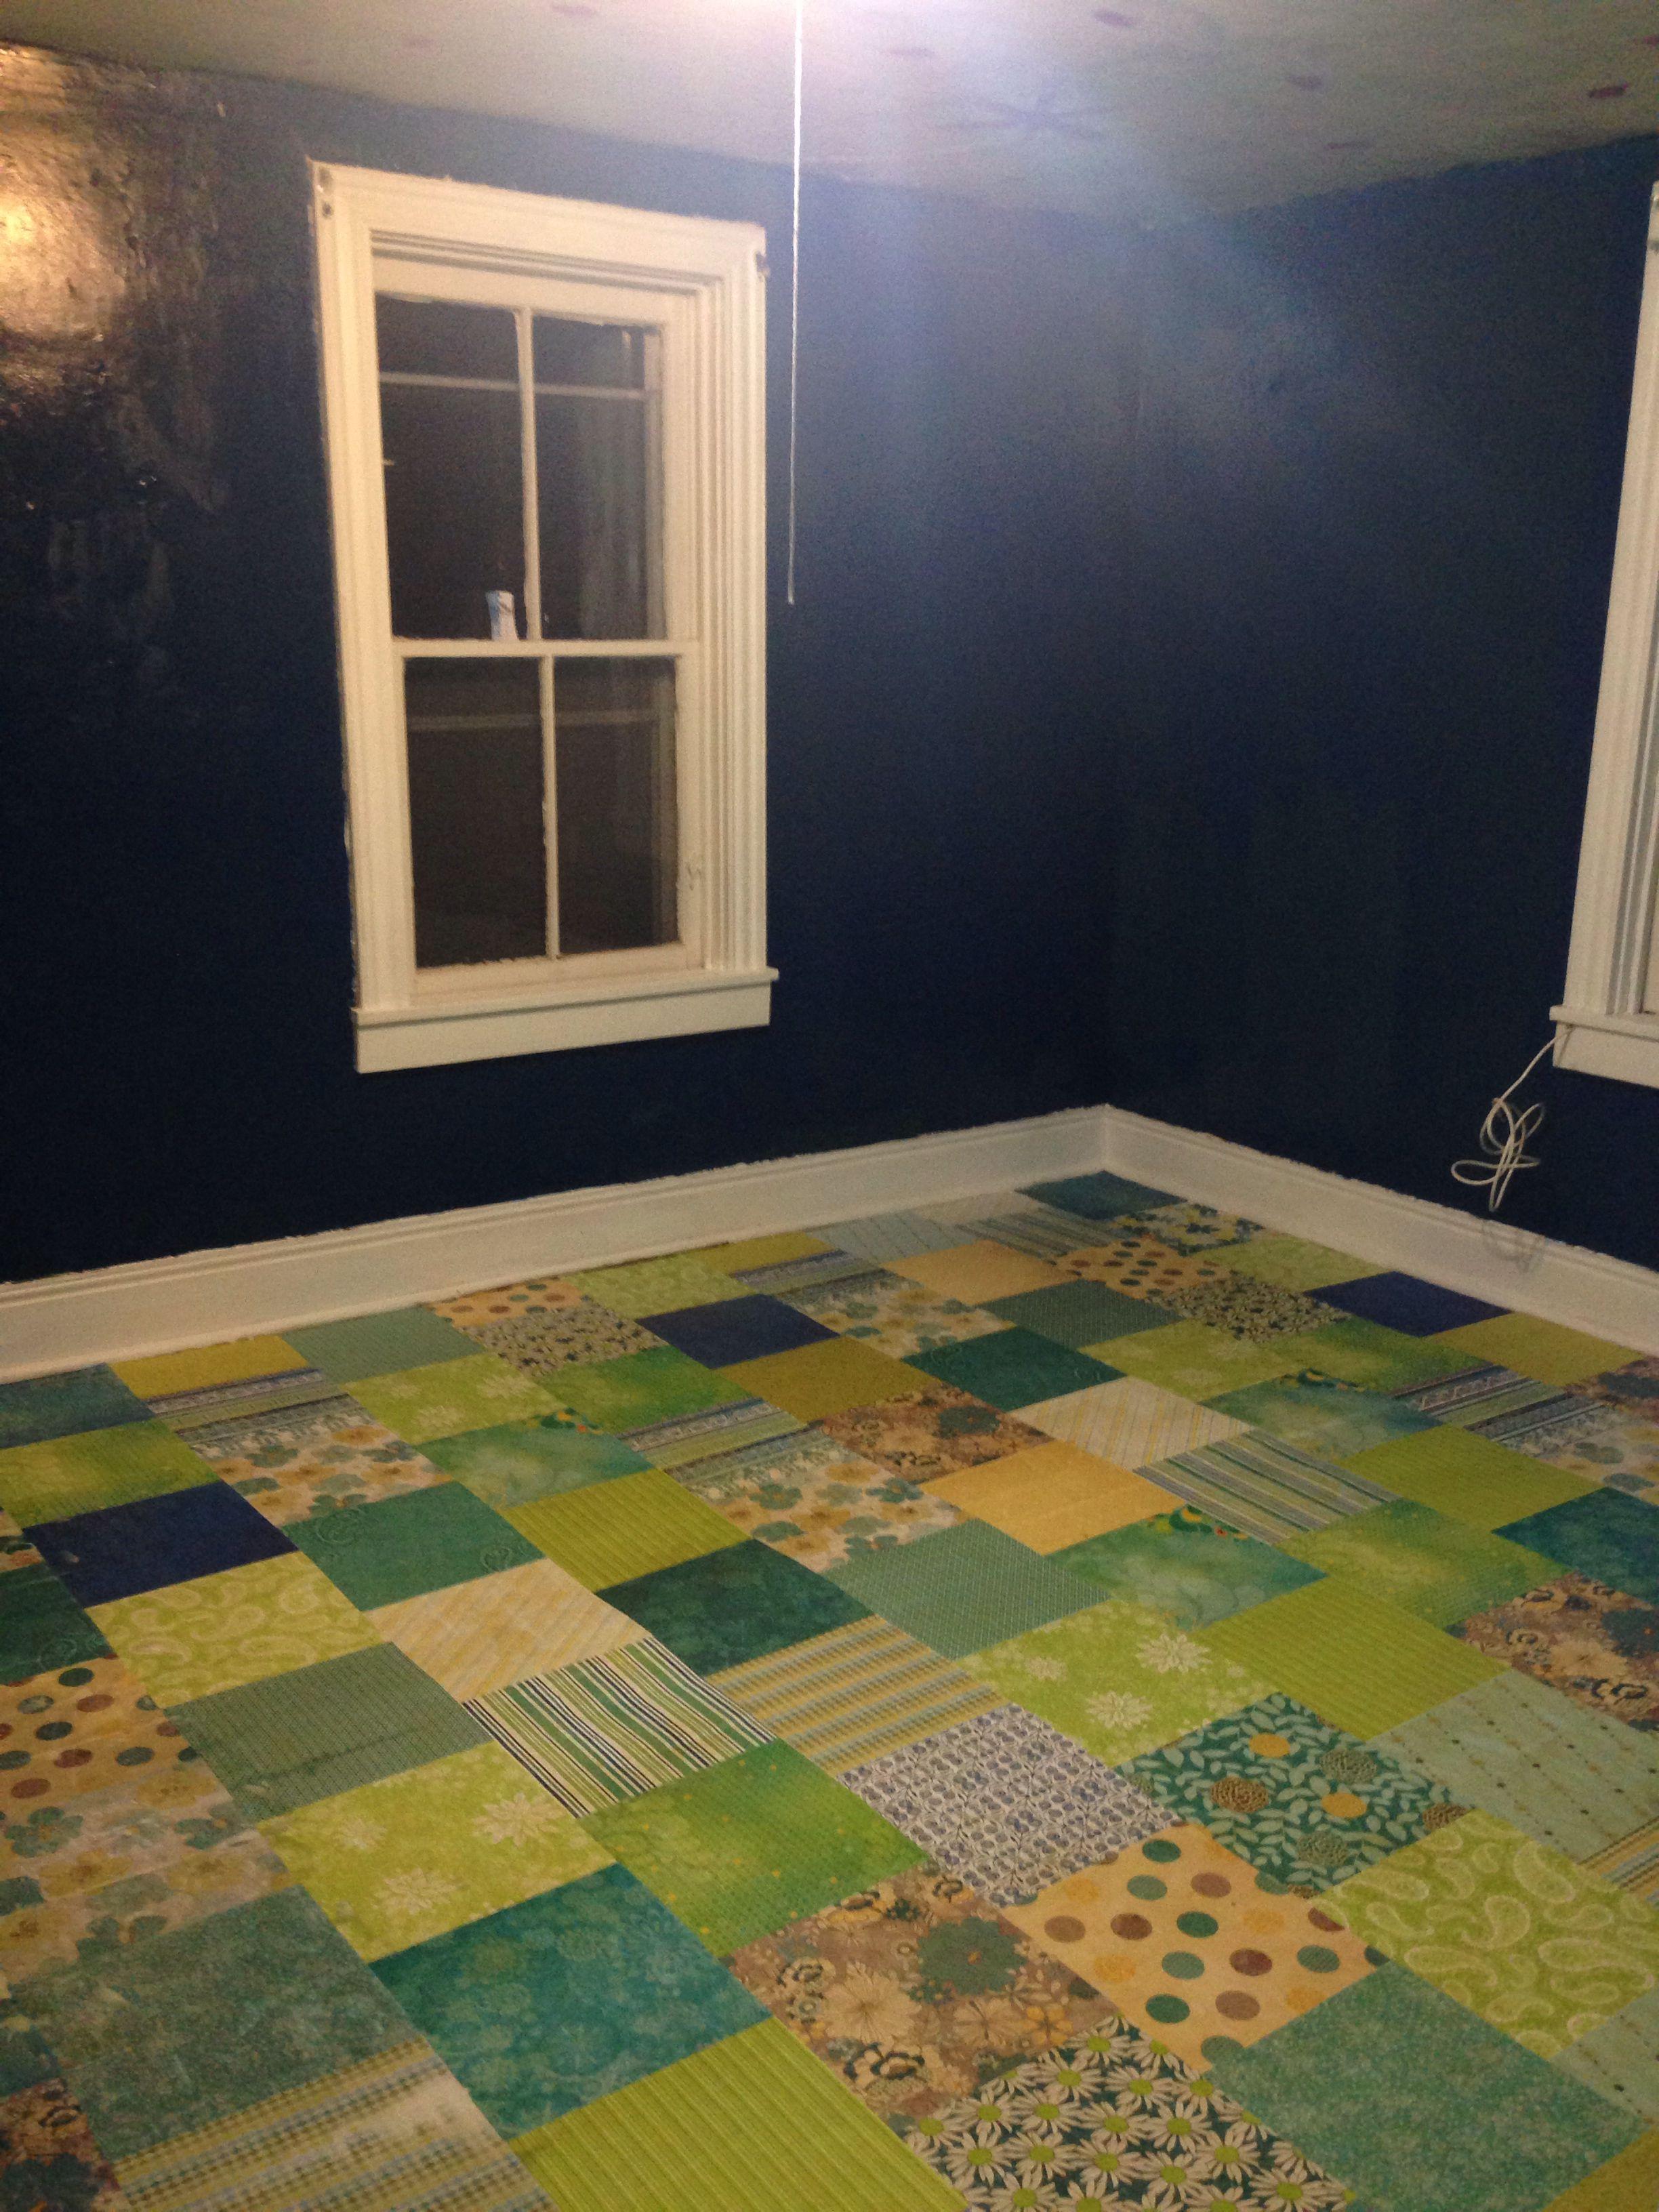 Scrapbook paper floor over wood.